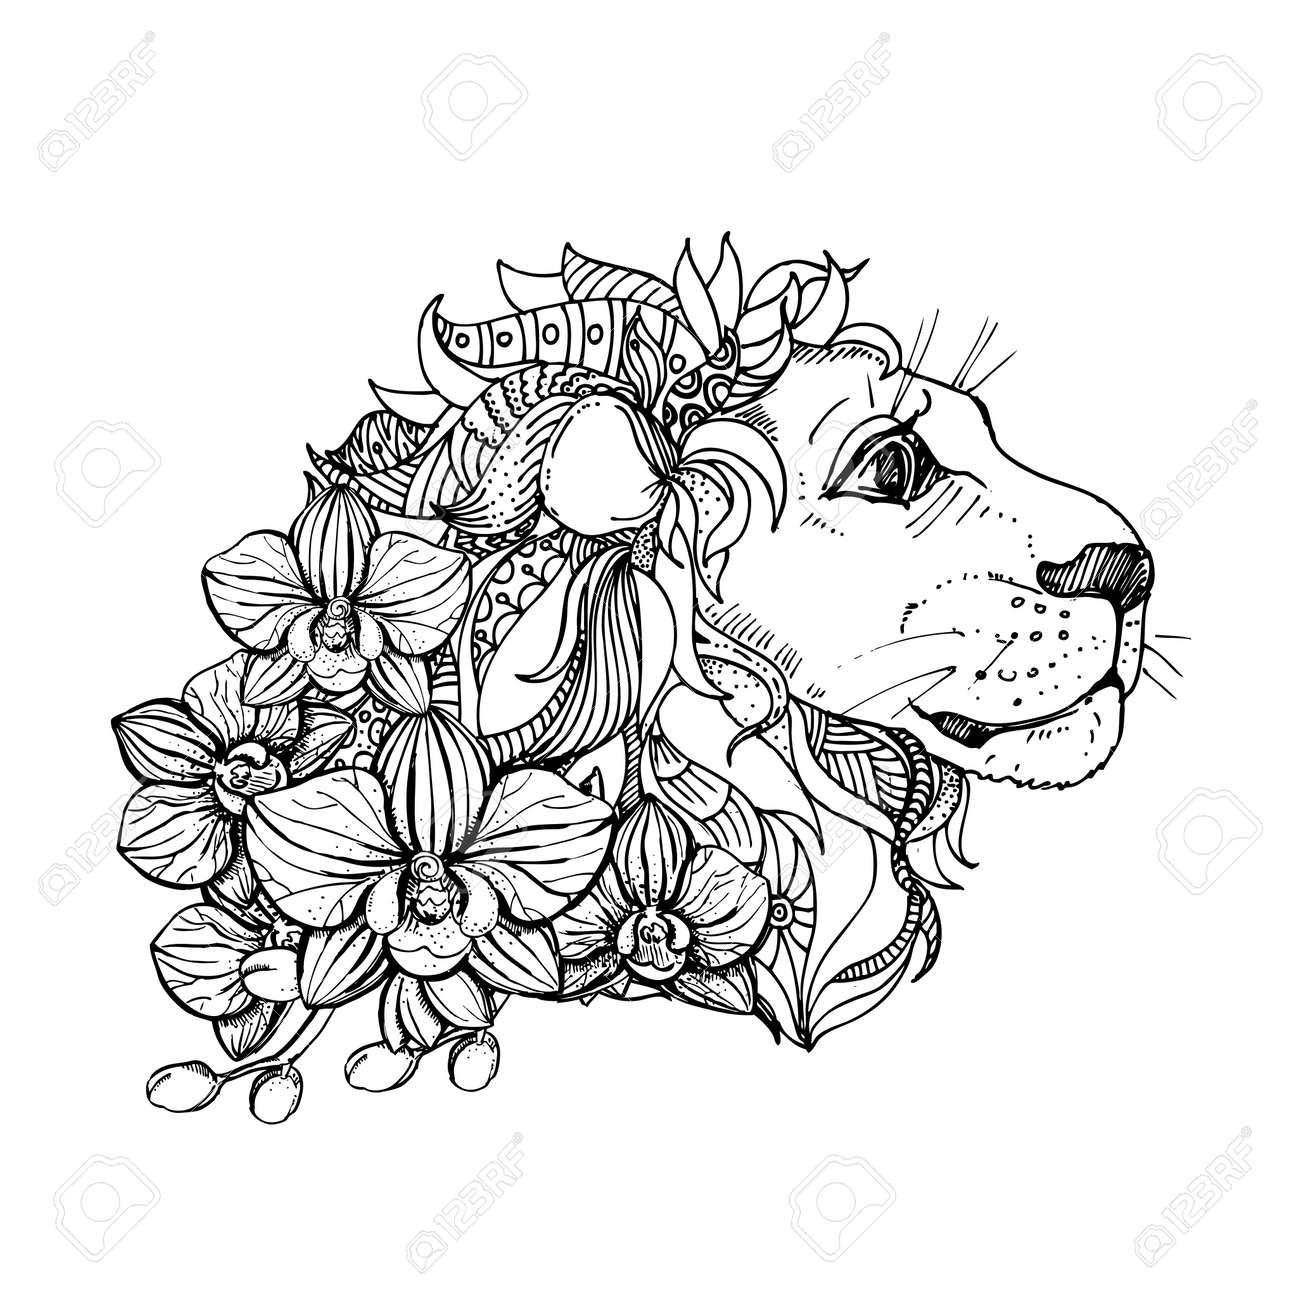 Main Dessiné Encre Doodle Lion Et Orchidée Sur Fond Blanc Coloriage Zendala La Conception Pour Les Adultes Affiche Impression T Shirt